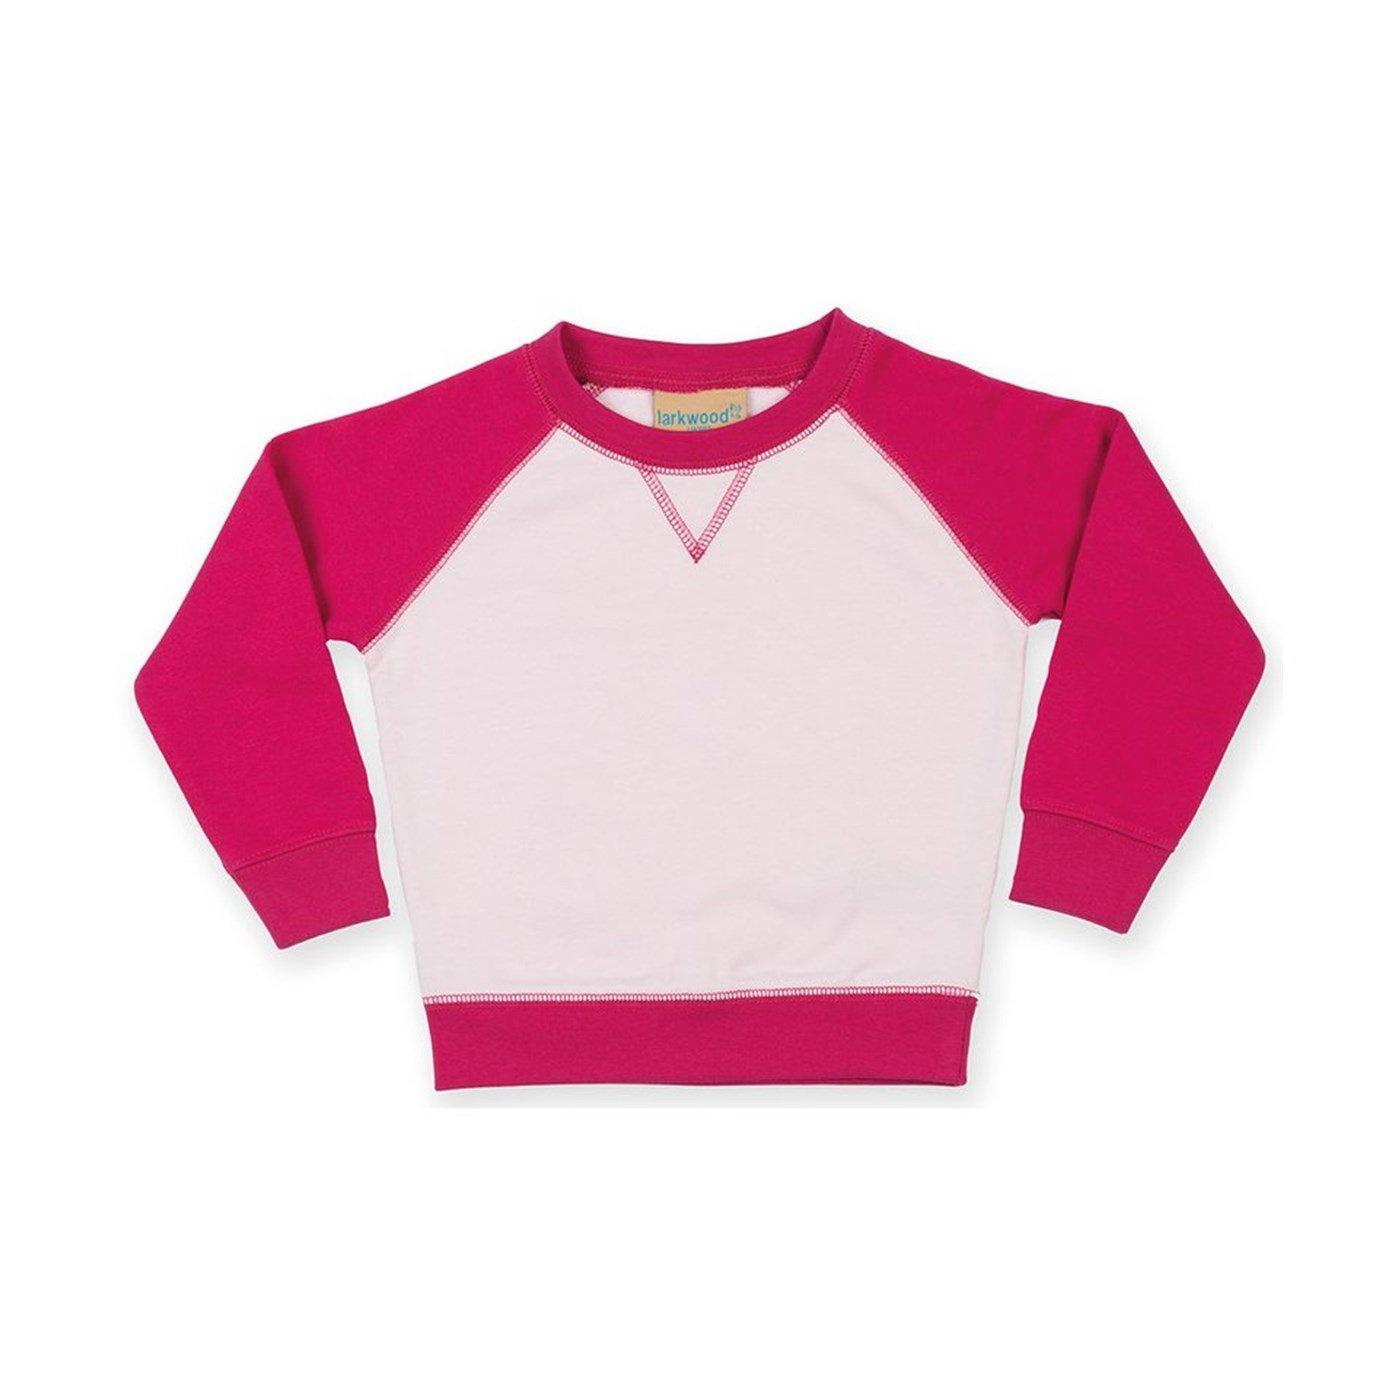 4669e4e5 Larkwood Toddlers Contrast Raglan Sleeve Sweatshirt LW04T